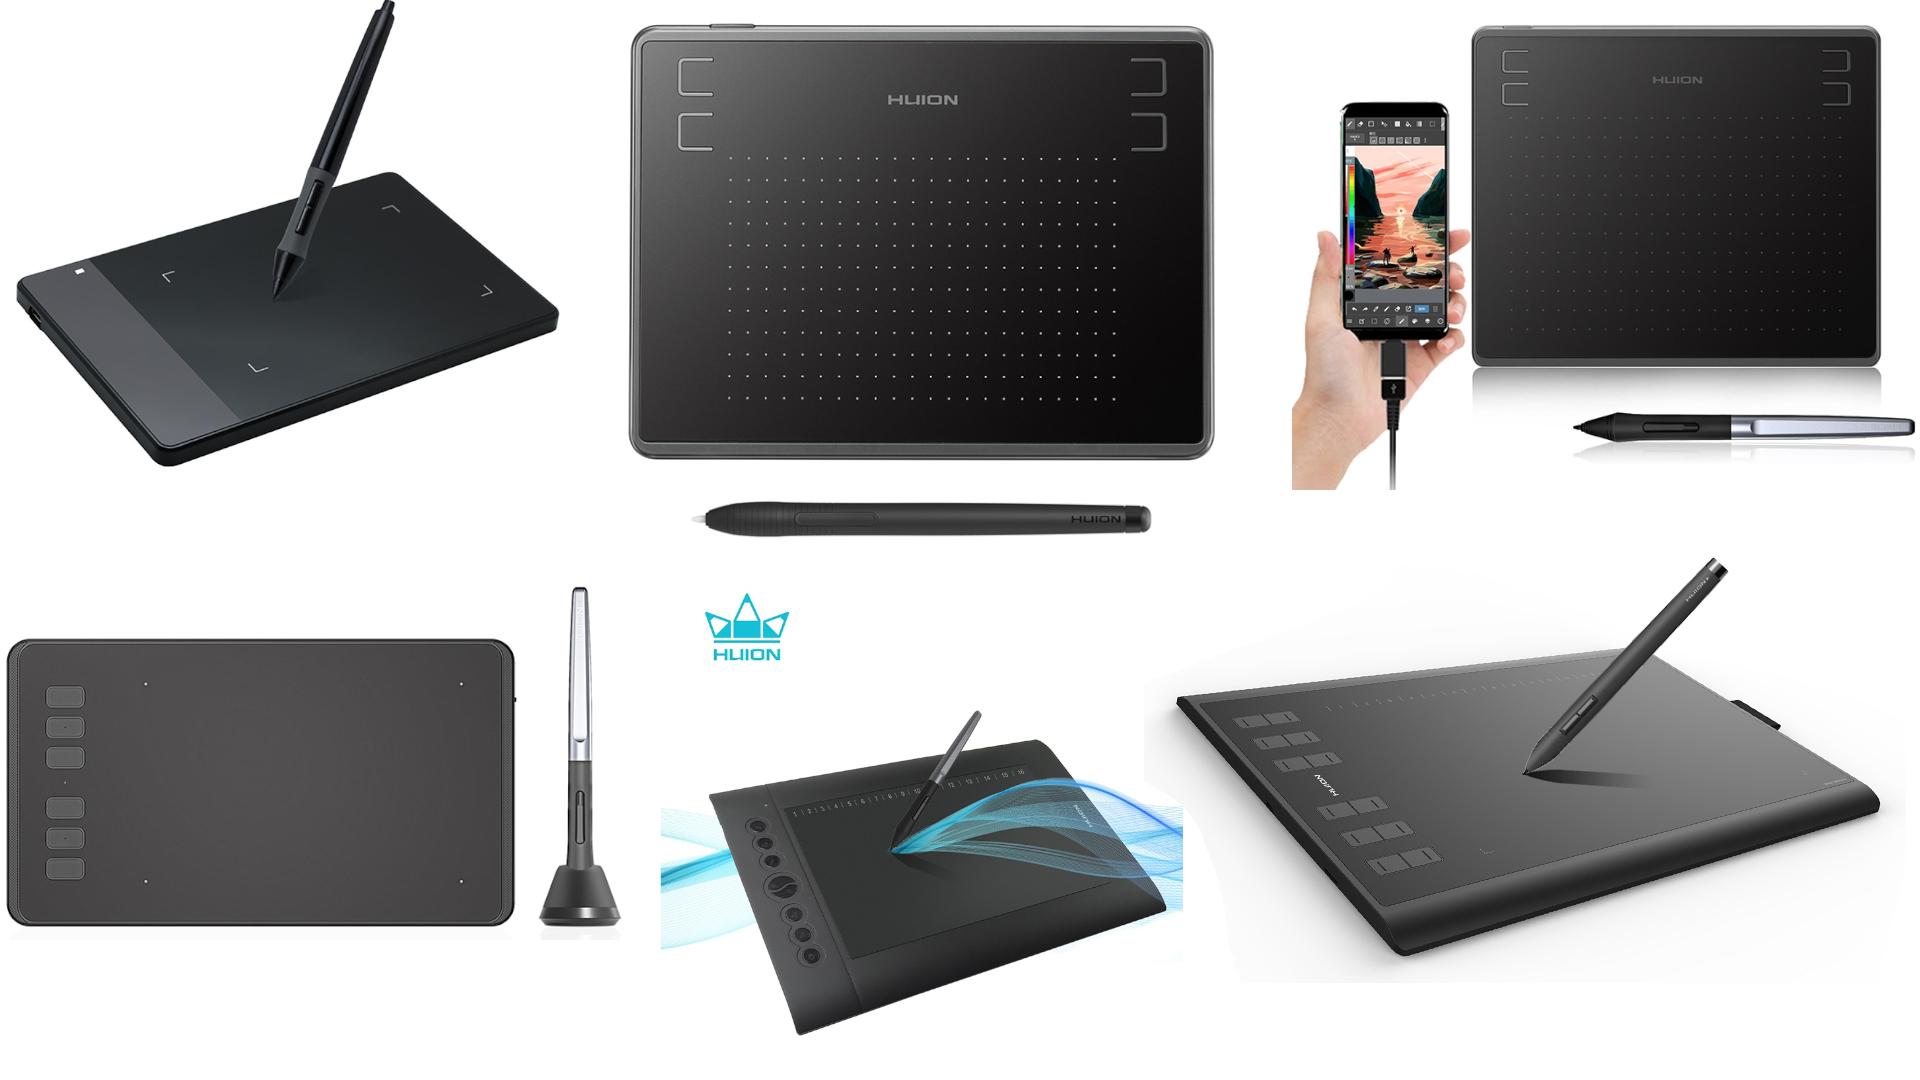 Zestawienie tanich tabletów graficznych 11.11 AliExpress